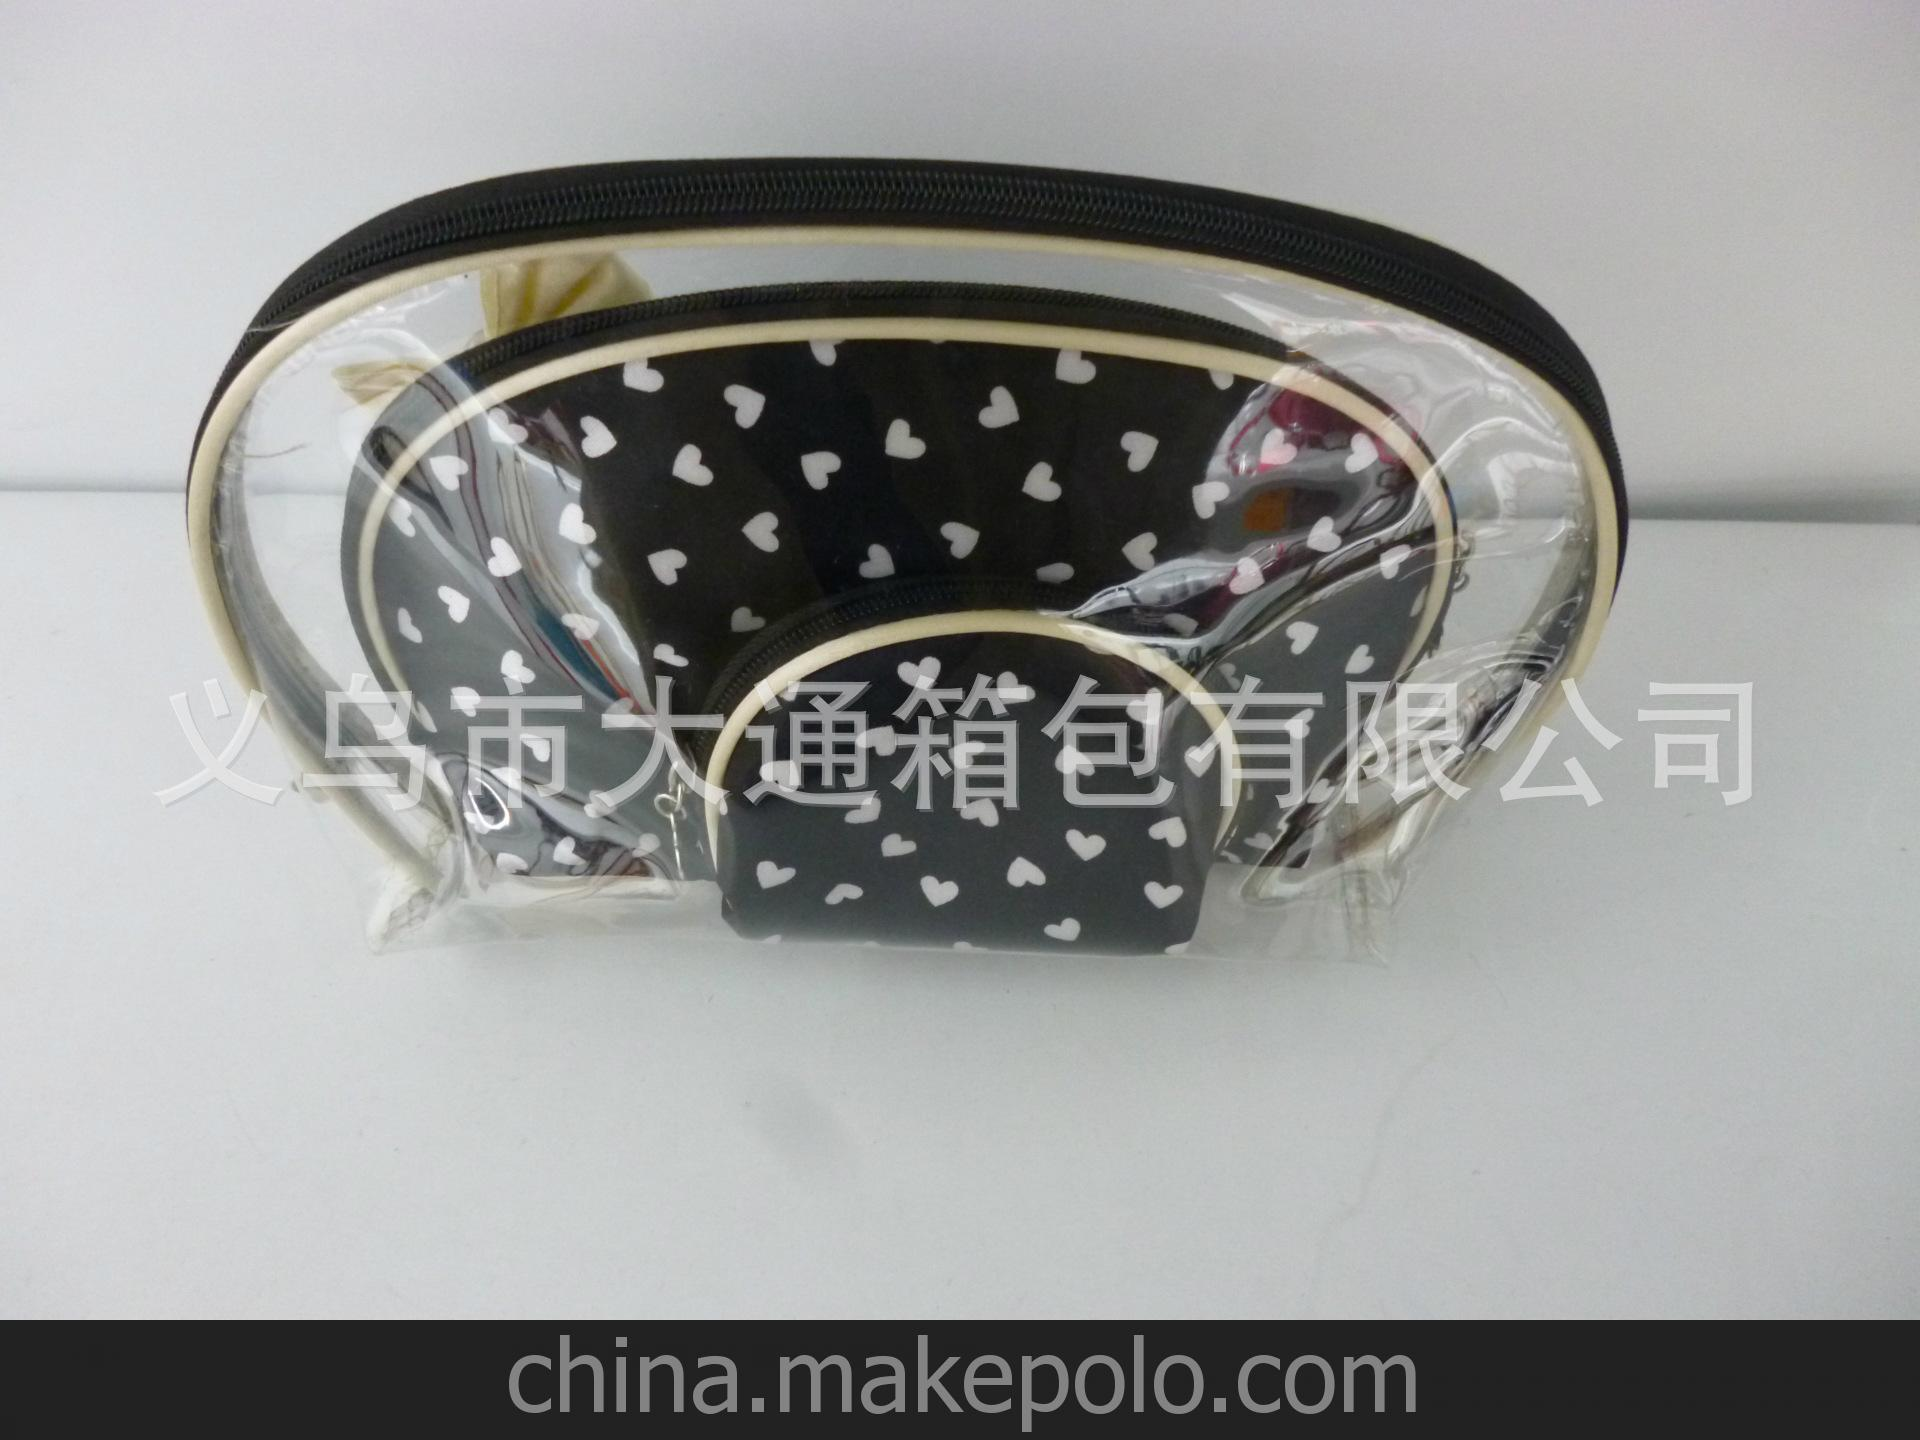 厂家直销 化妆包 时尚韩版化妆包女 收纳包 化妆包批发